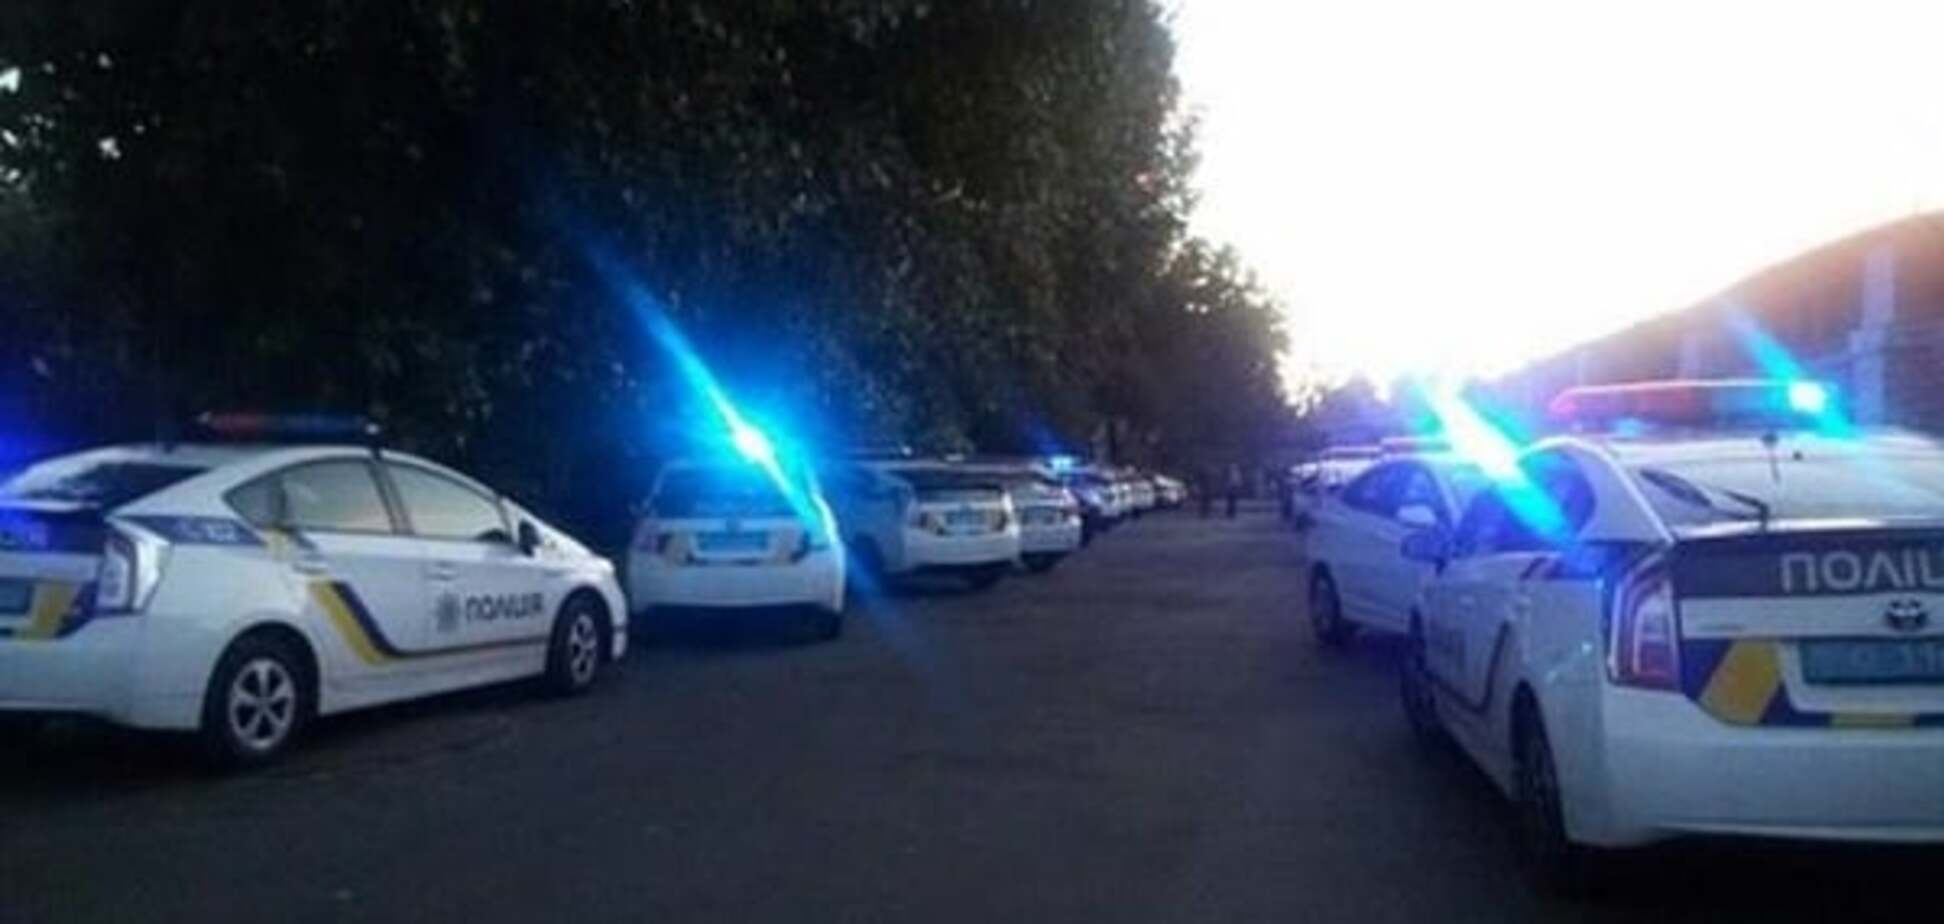 Столкновения на стройке в Киеве локализированы, есть задержанный - полиция